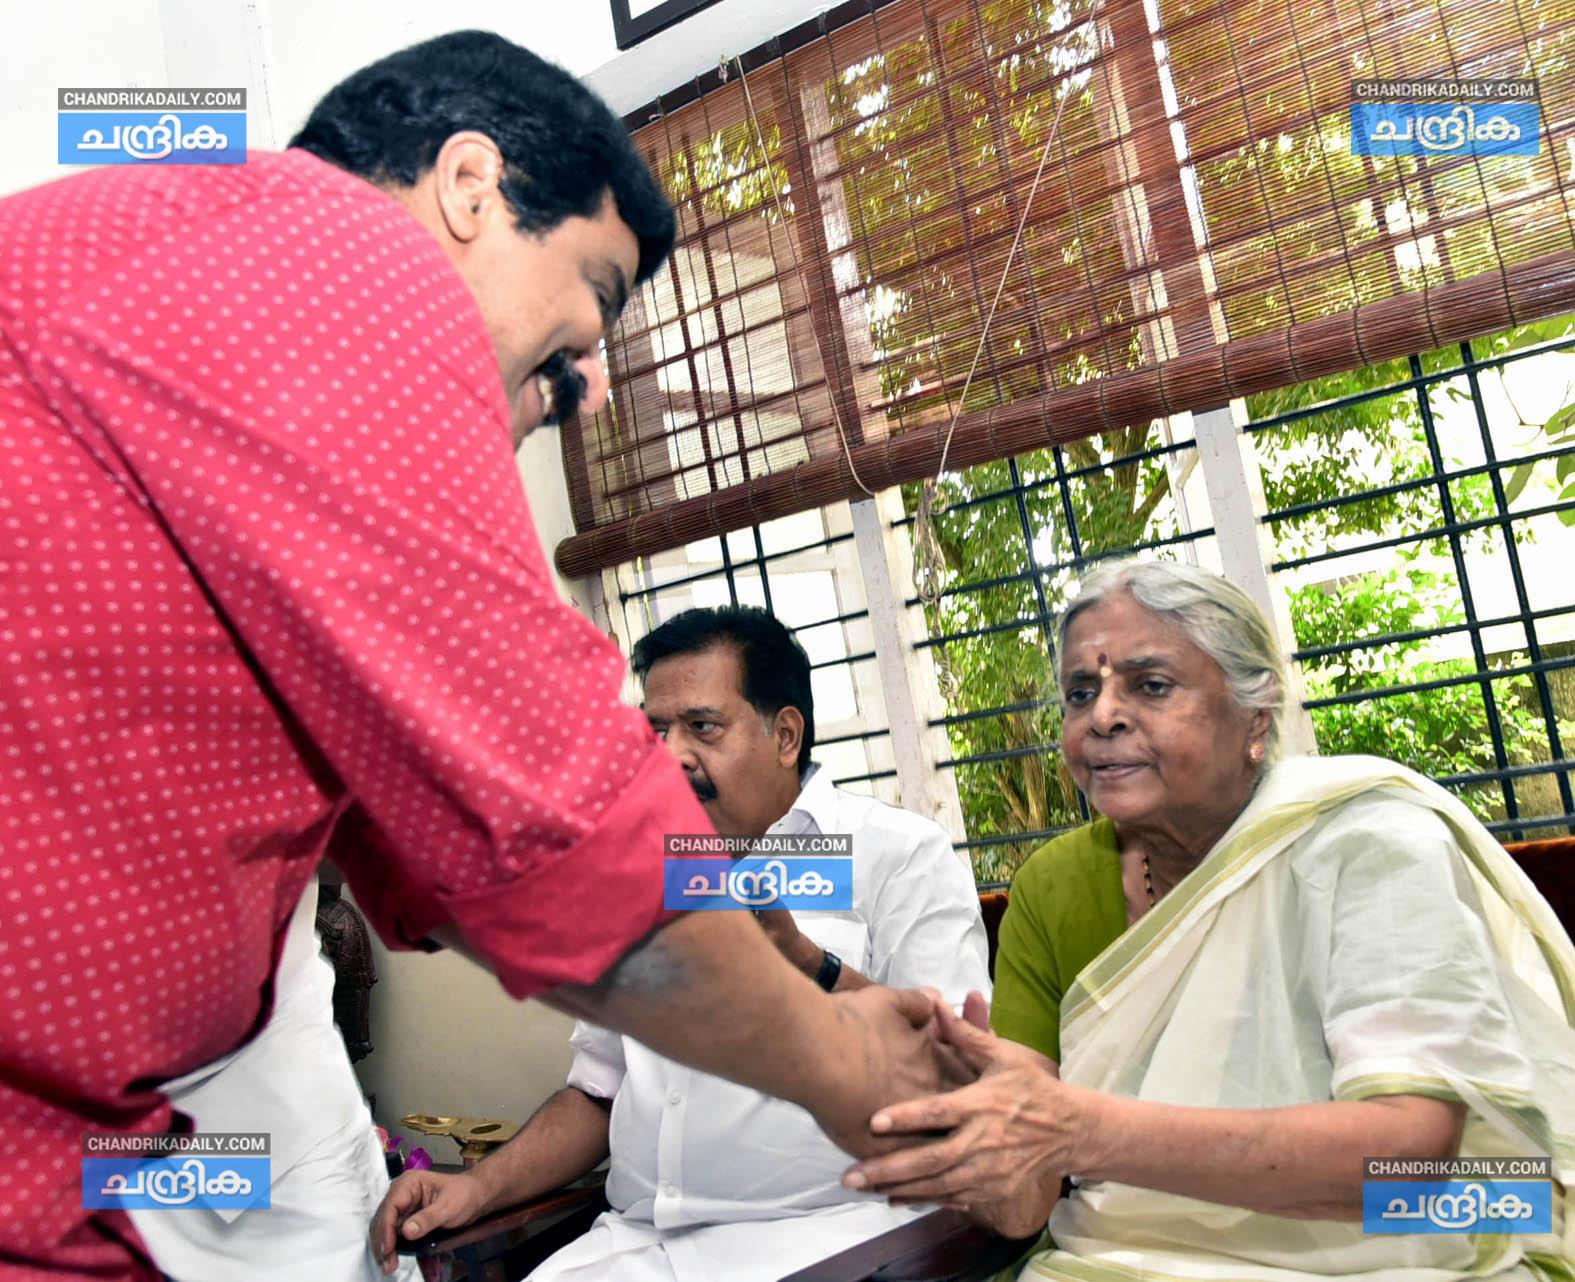 സുഗതകുമാരി ടീച്ചര്ക്ക് 84ന്റെ പിറന്നാള് മധുരം; മലയാളത്തിന്റെ എഴുത്തമ്മക്ക് ആശംസകളുമായി പ്രമുഖര്